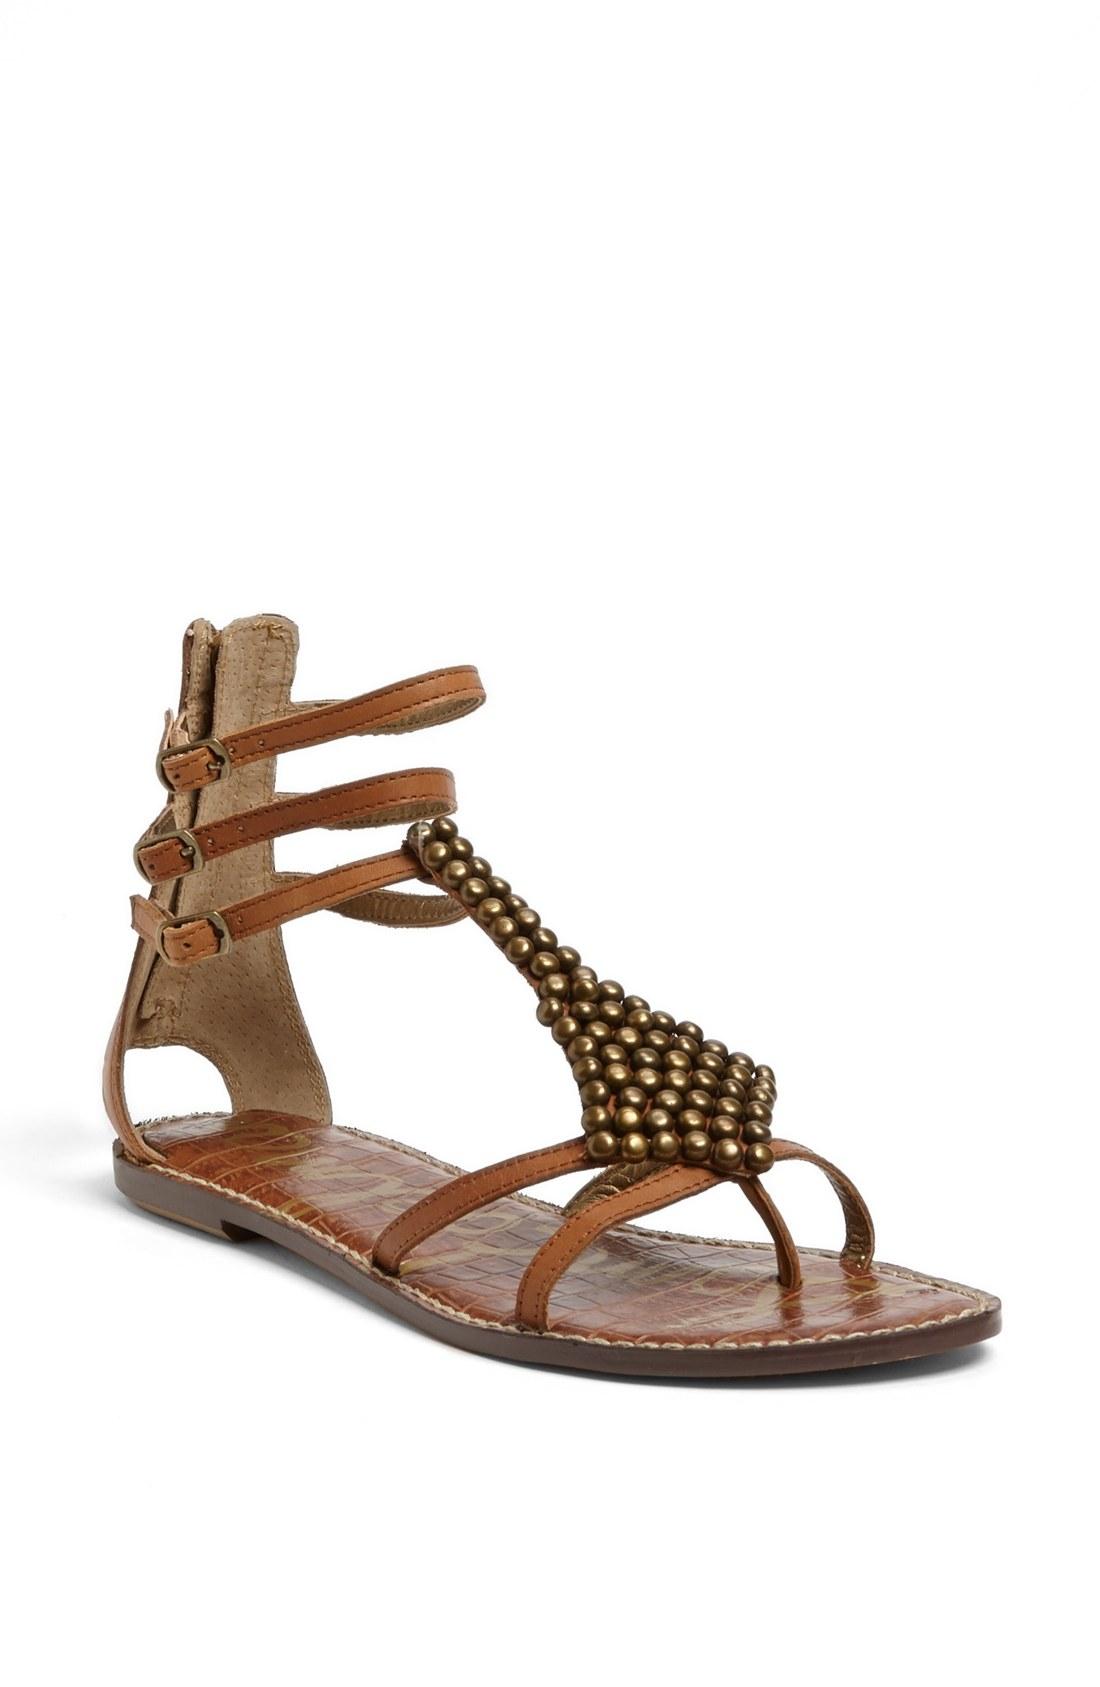 6723cd6221c0 Sam Edelman Ginger Gladiator Sandals